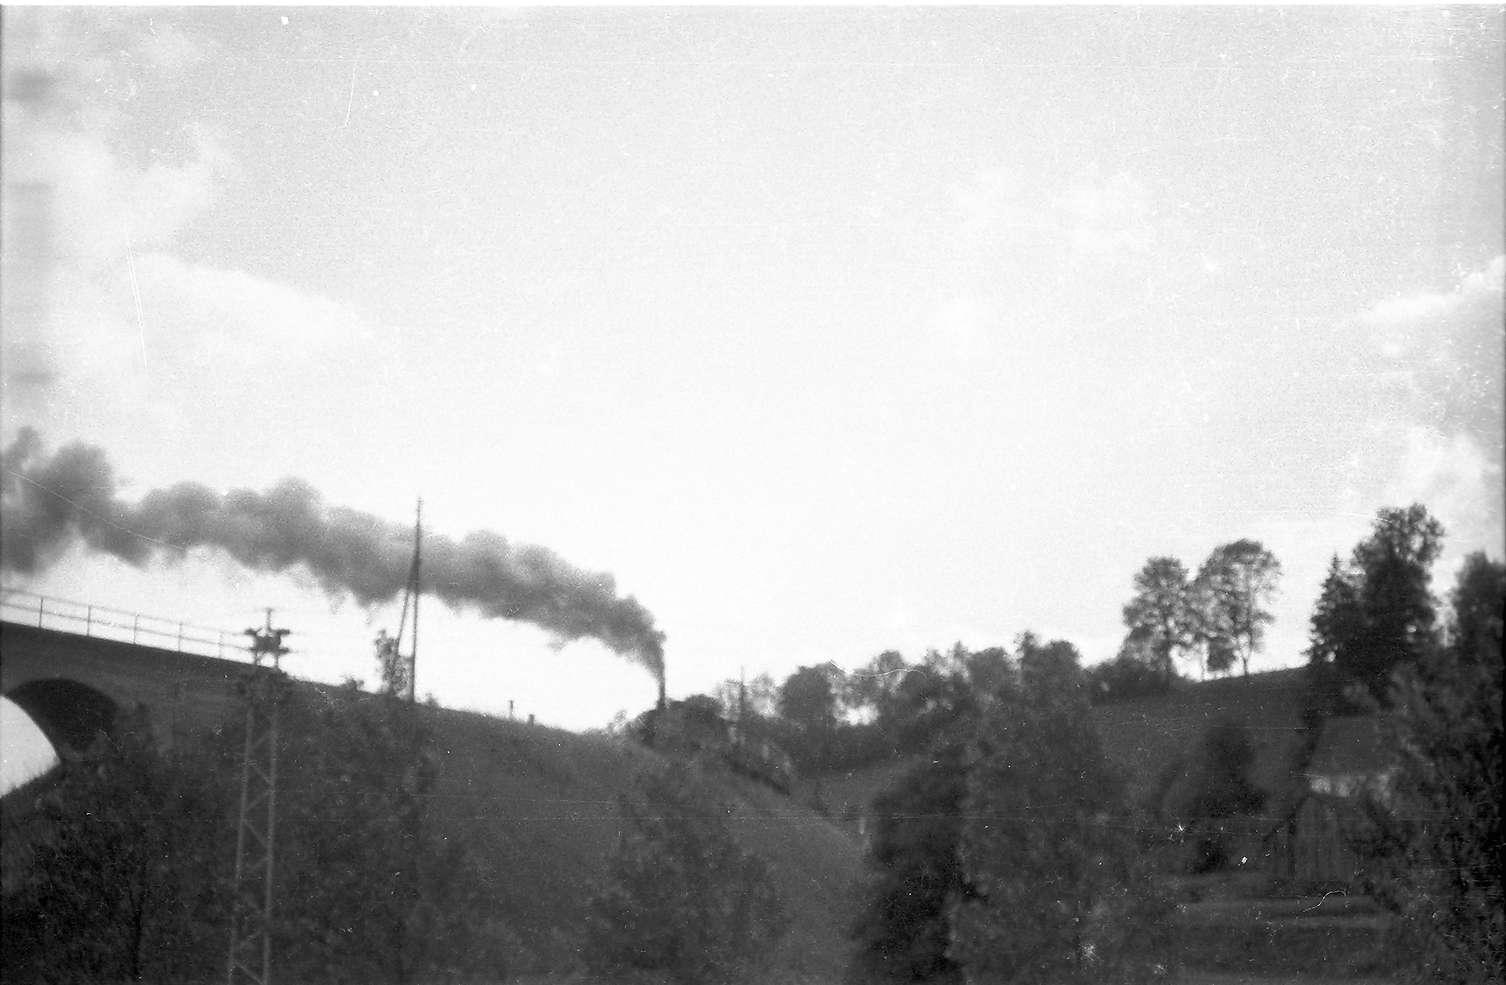 Lok 21, Viadukt Gammertingen, Nachschieben des Triebwagens VT 2 zur Fehlahöhe, Bild 1